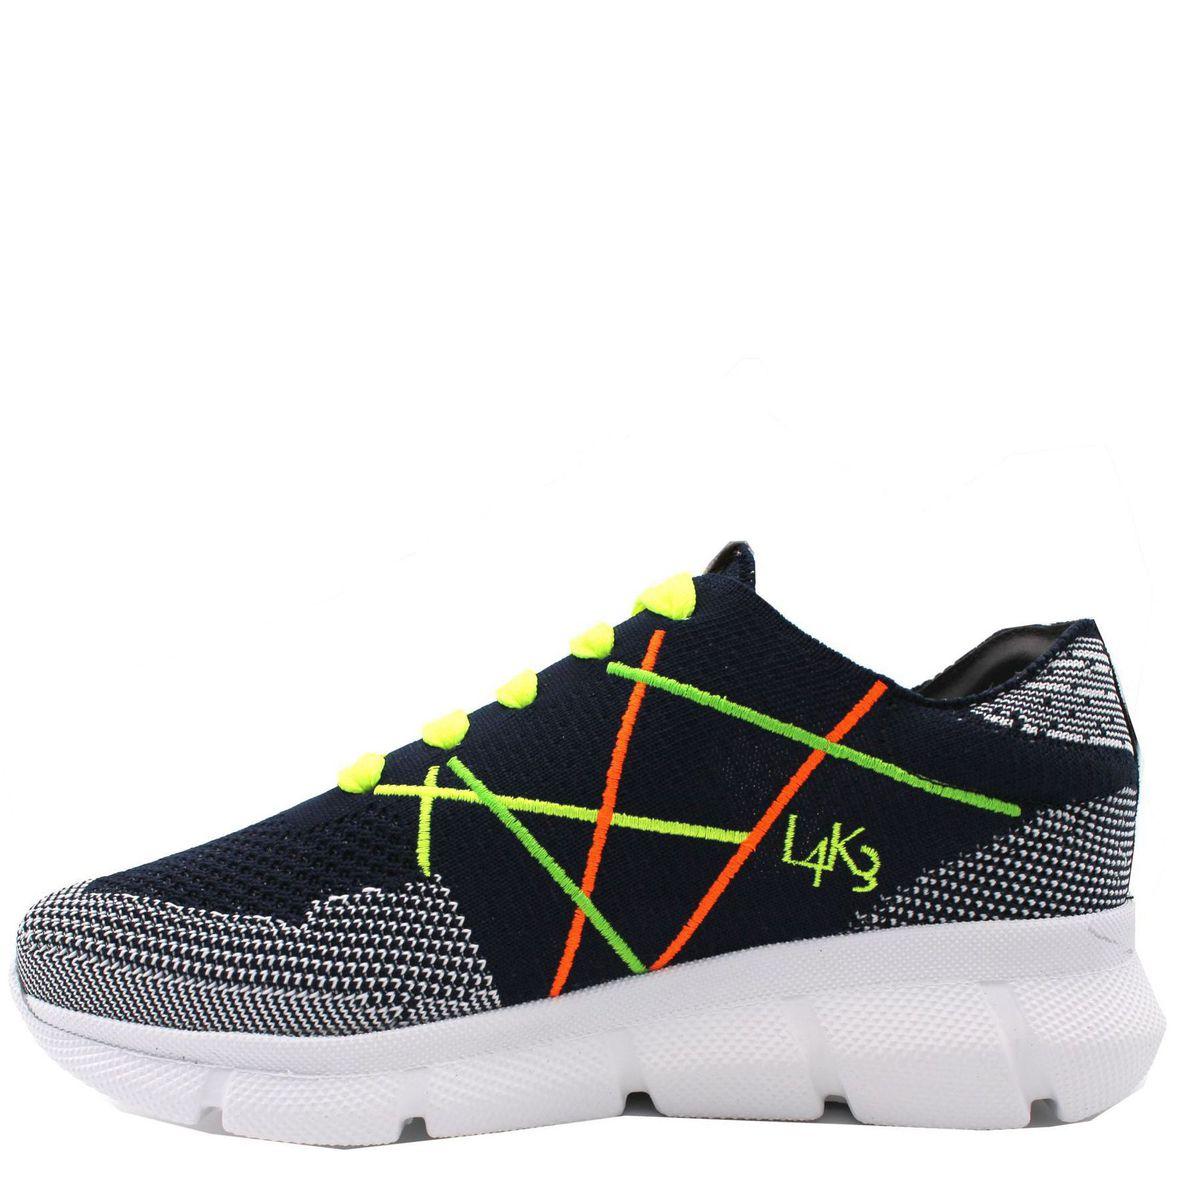 1. Sneakers allacciata con suola in gomma leggerissima color fluo L4K3 Fluo L4k3